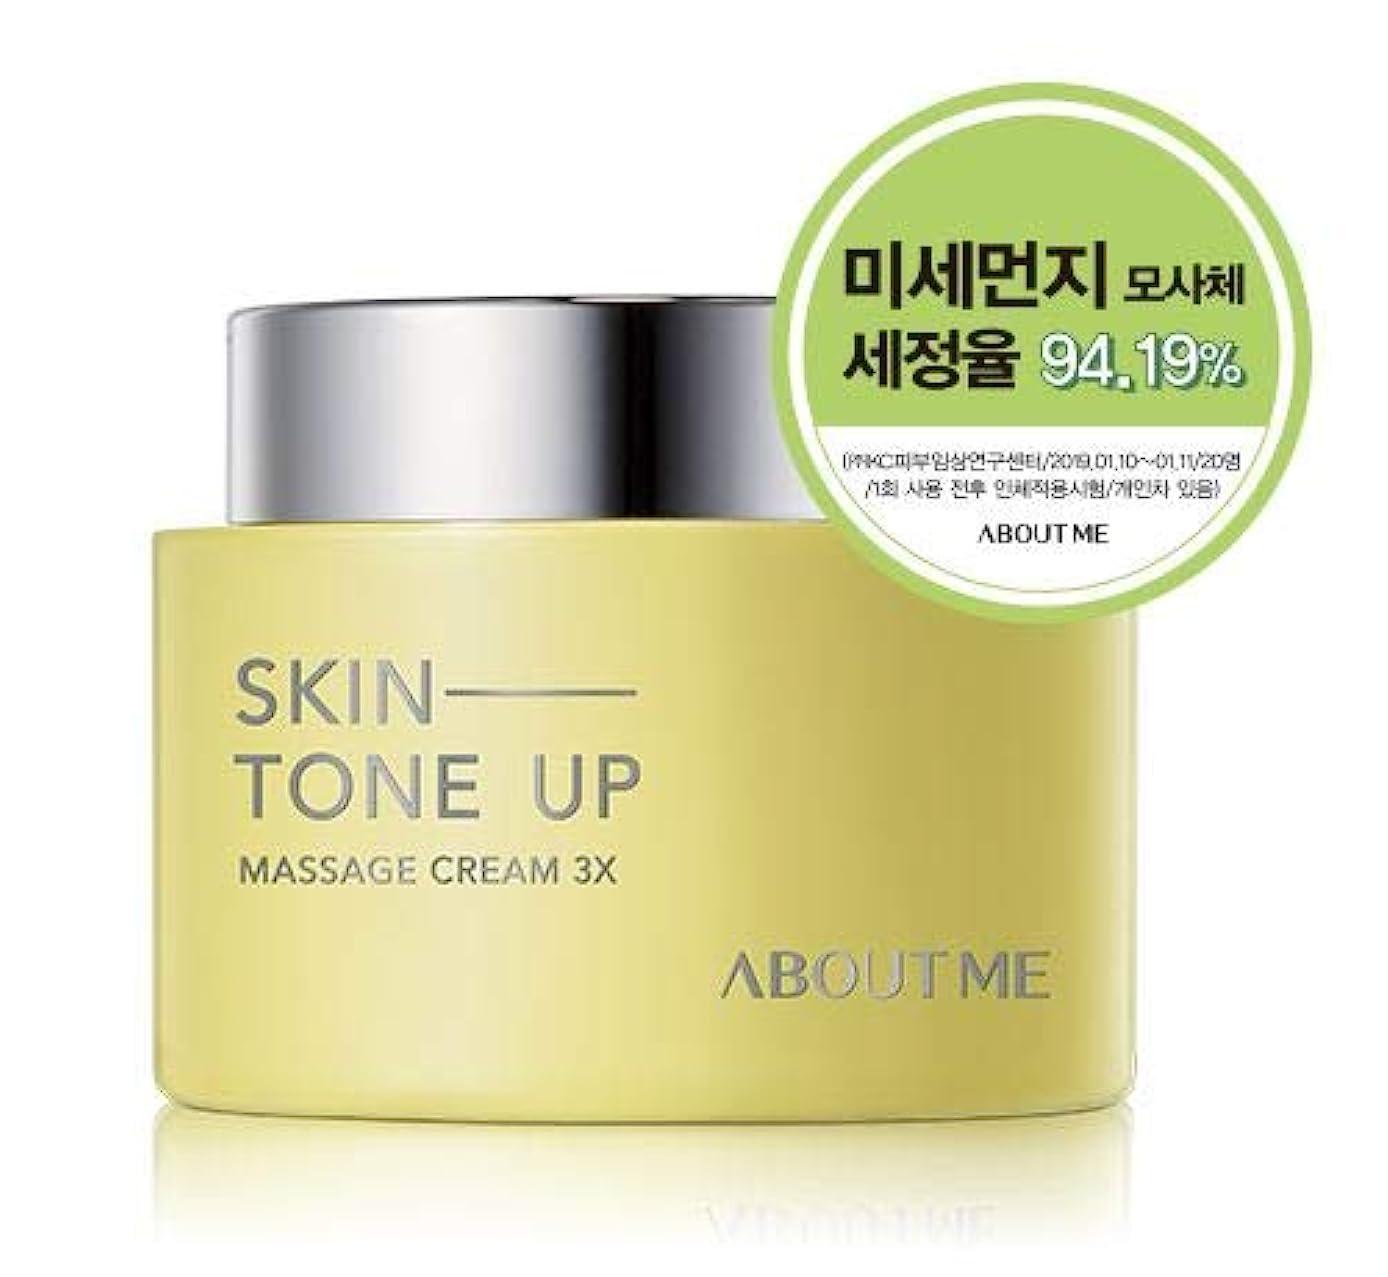 オーラル体操学習[ABOUT ME] Skin Tone Up Massage Cream 3X 150ml / [アバウトミー] スキントーンアップマッサージクリーム3X 150ml [並行輸入品]